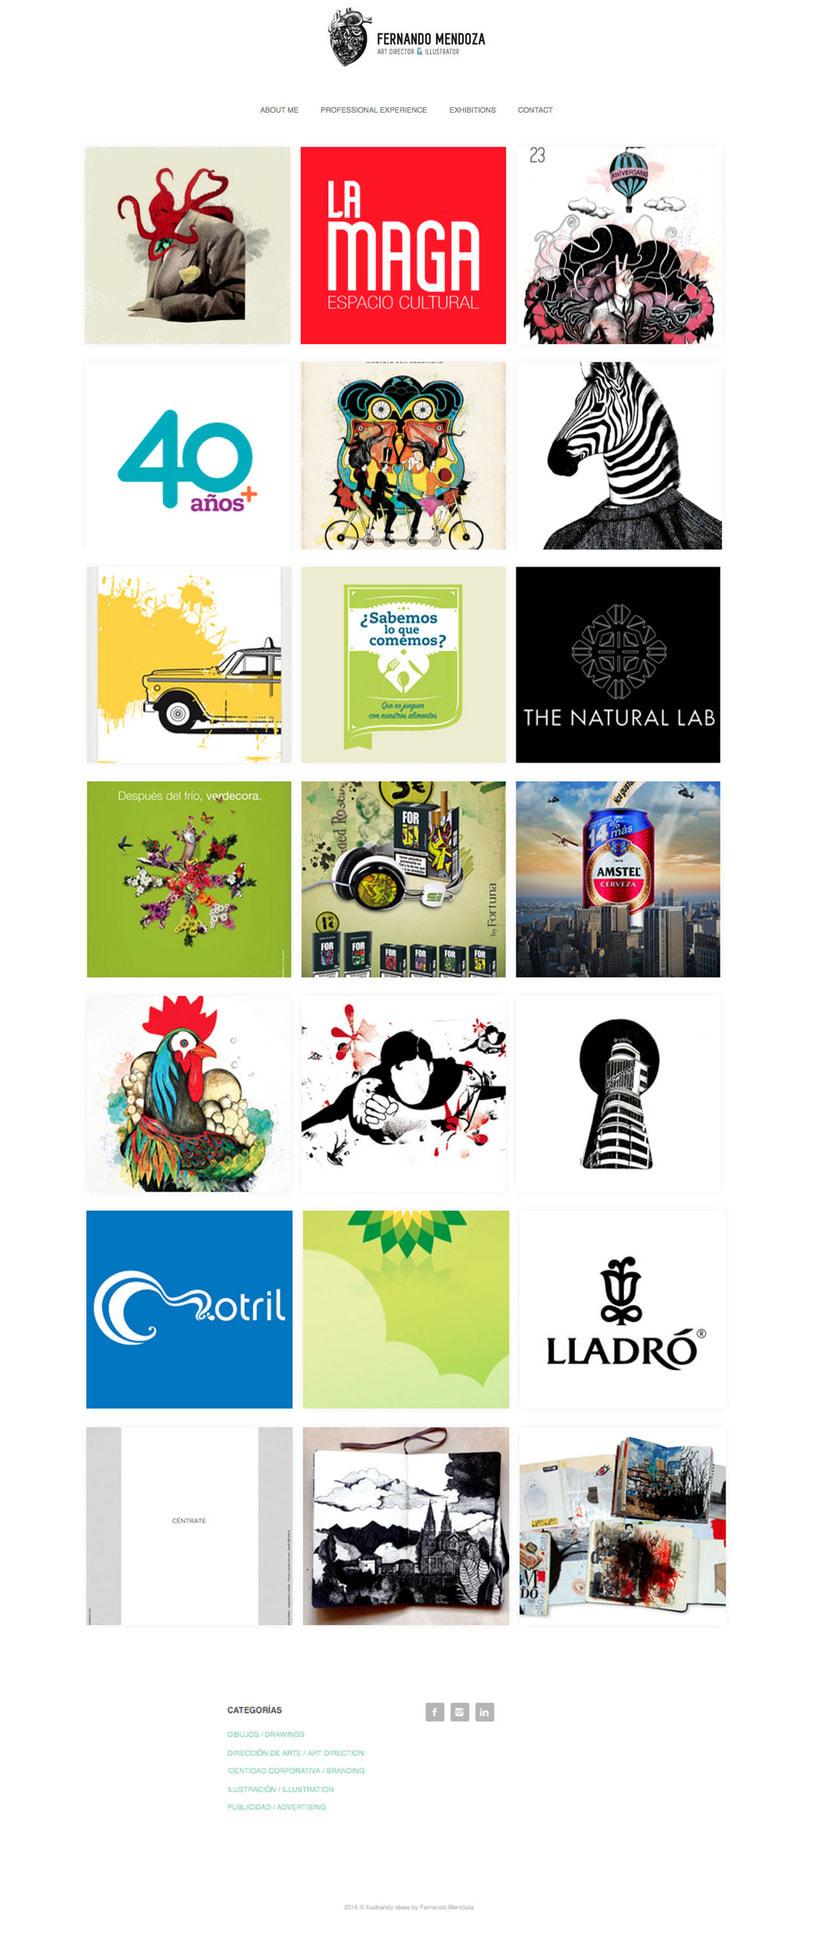 Portfolio Fernando Mendoza Ilustrando ideas 2